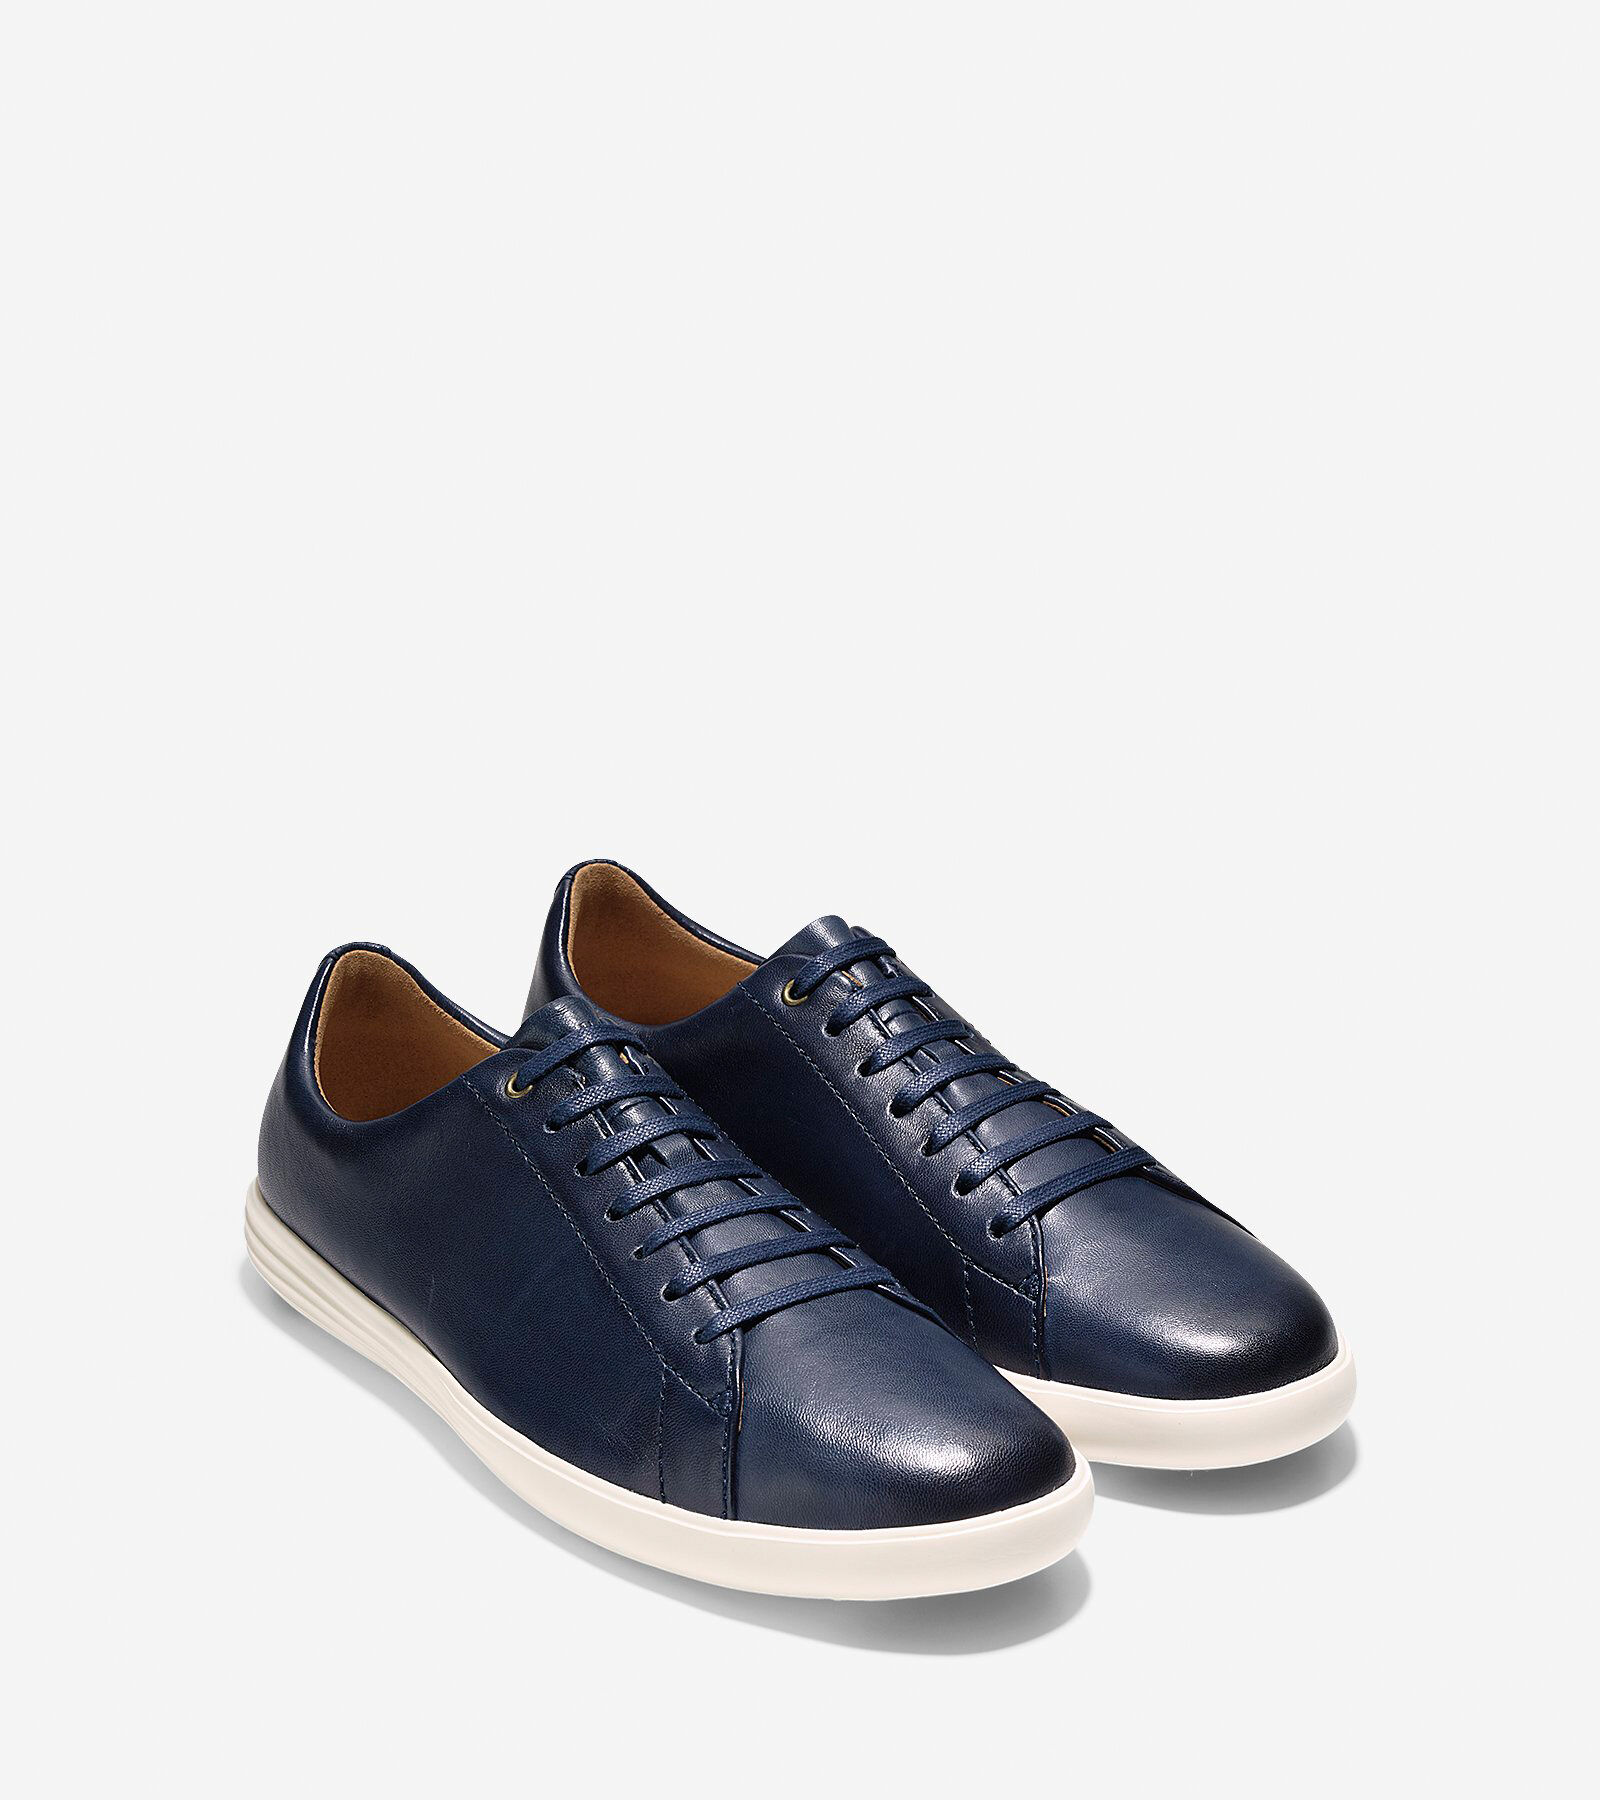 ... Men's Grand Crosscourt Sneaker; Men's Grand Crosscourt Sneaker. # colehaan